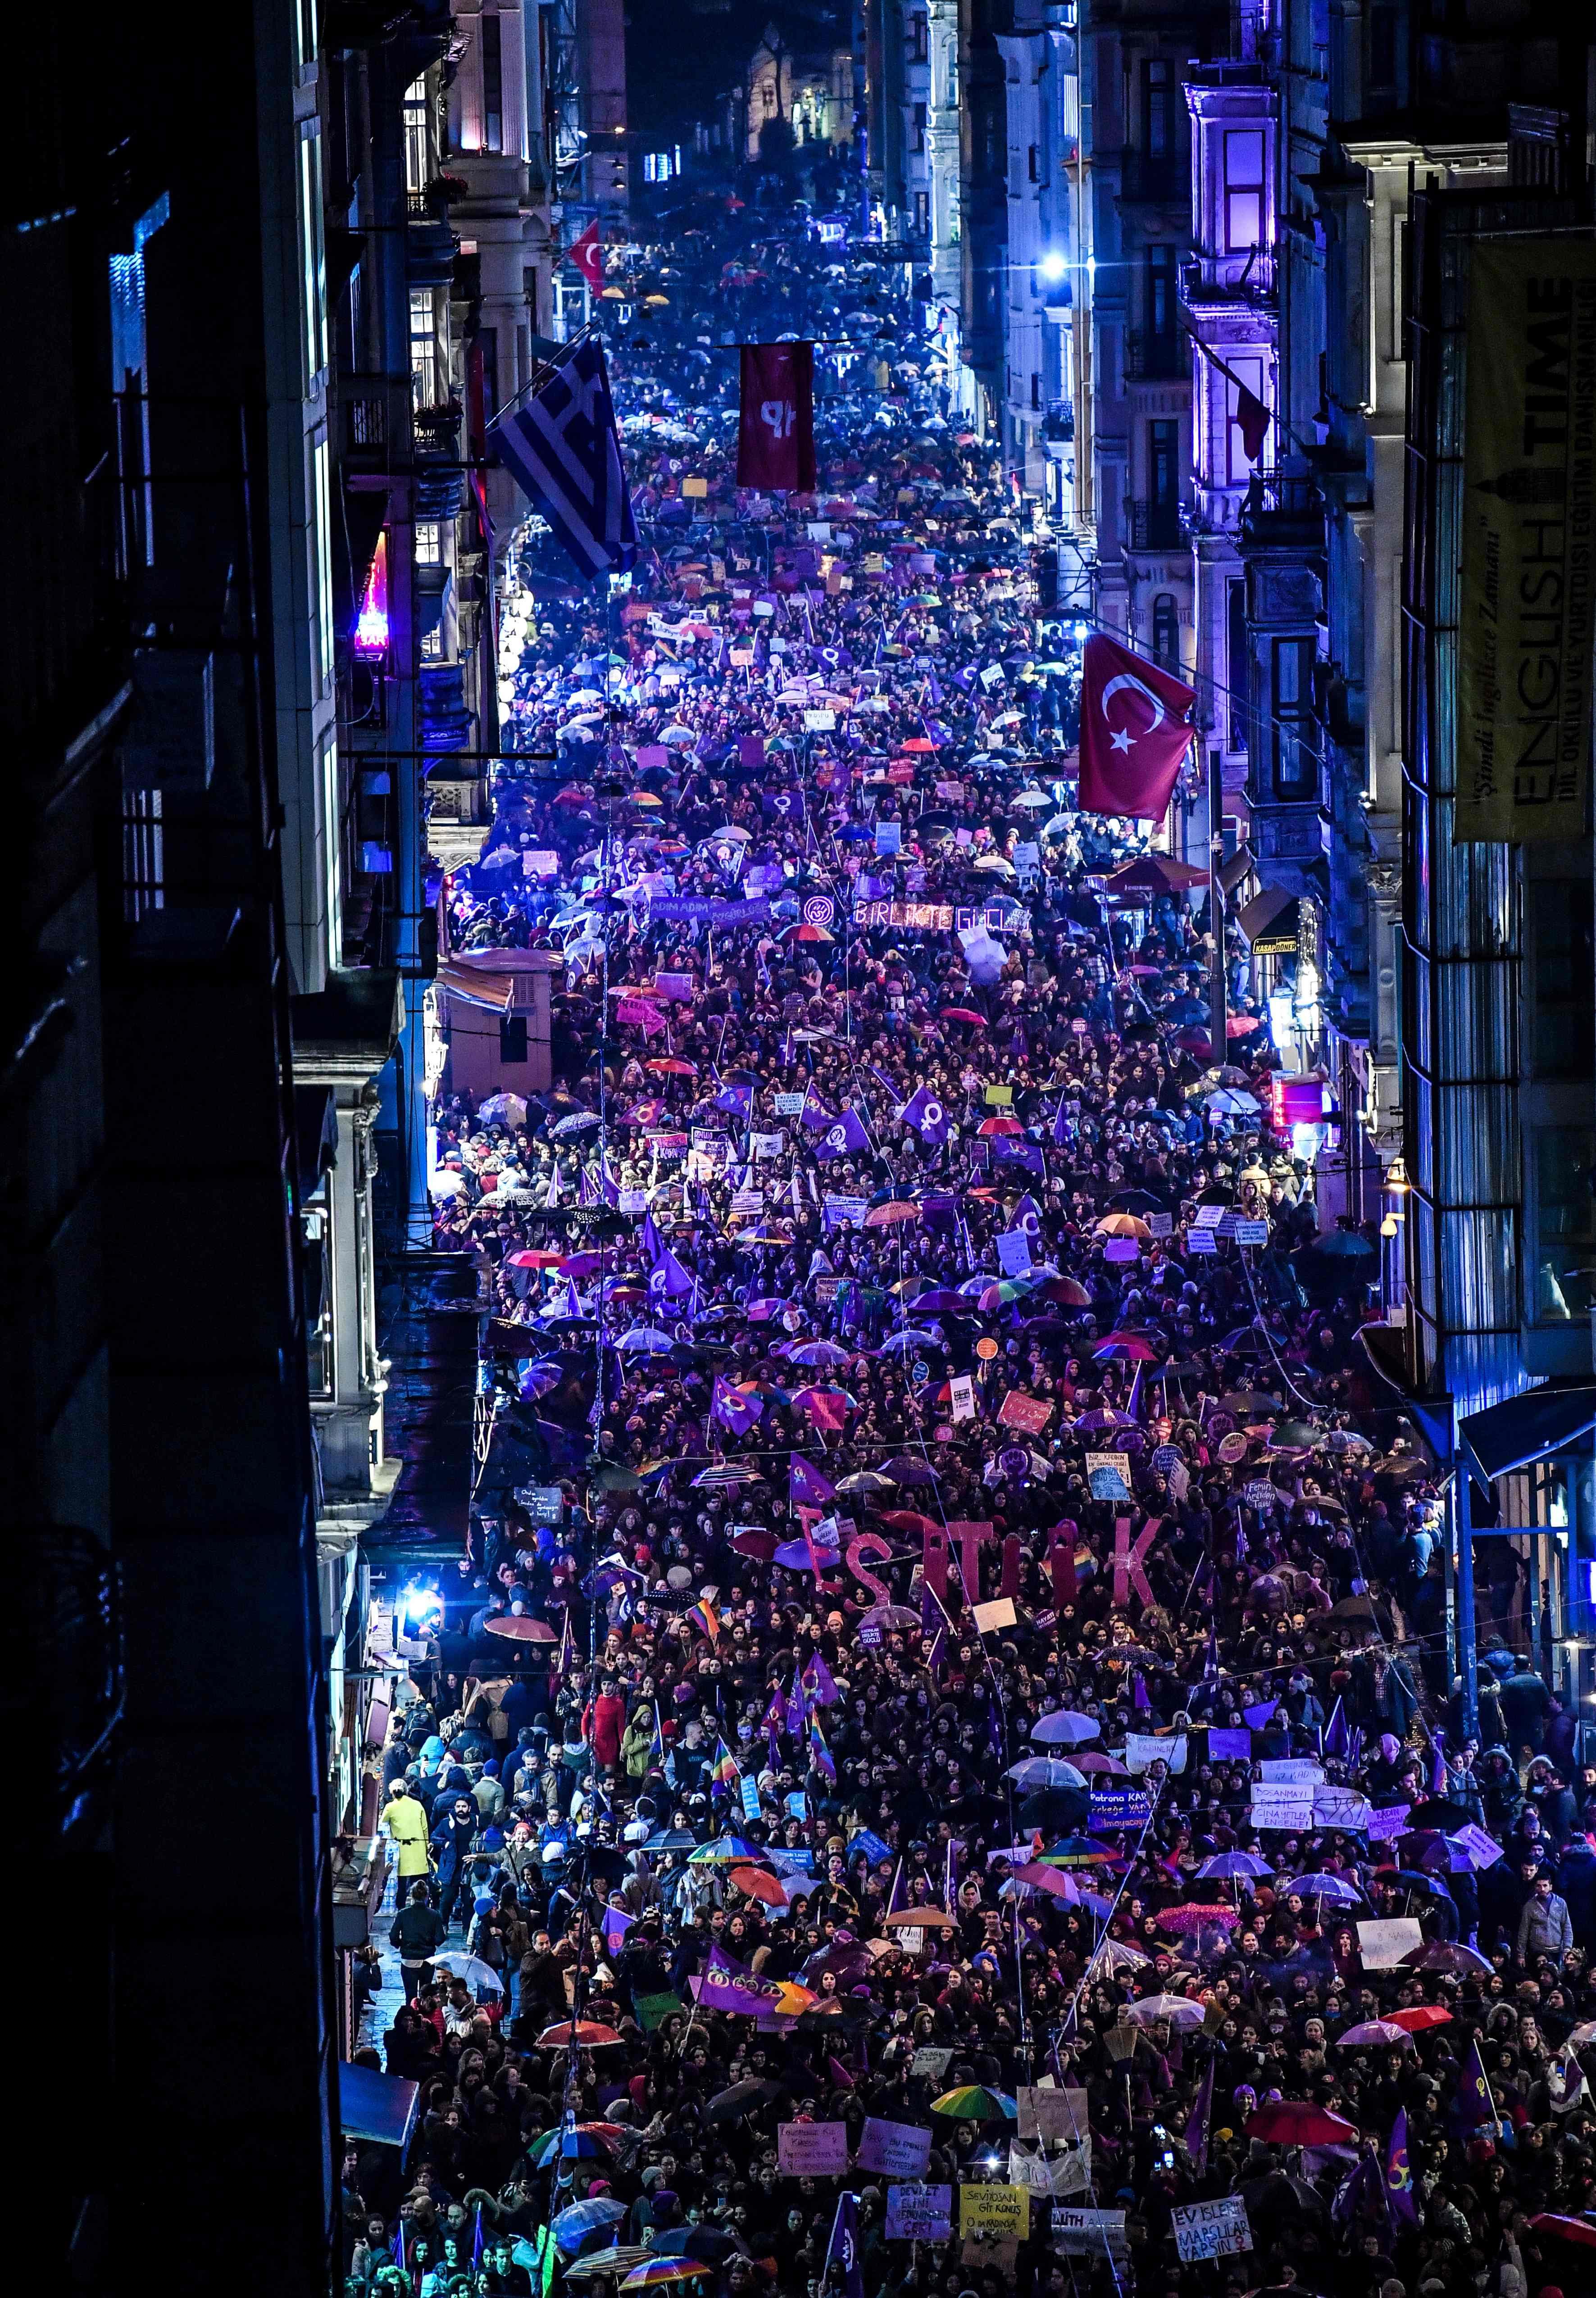 جانب من المظاهرات فى شوارع إسطنبول